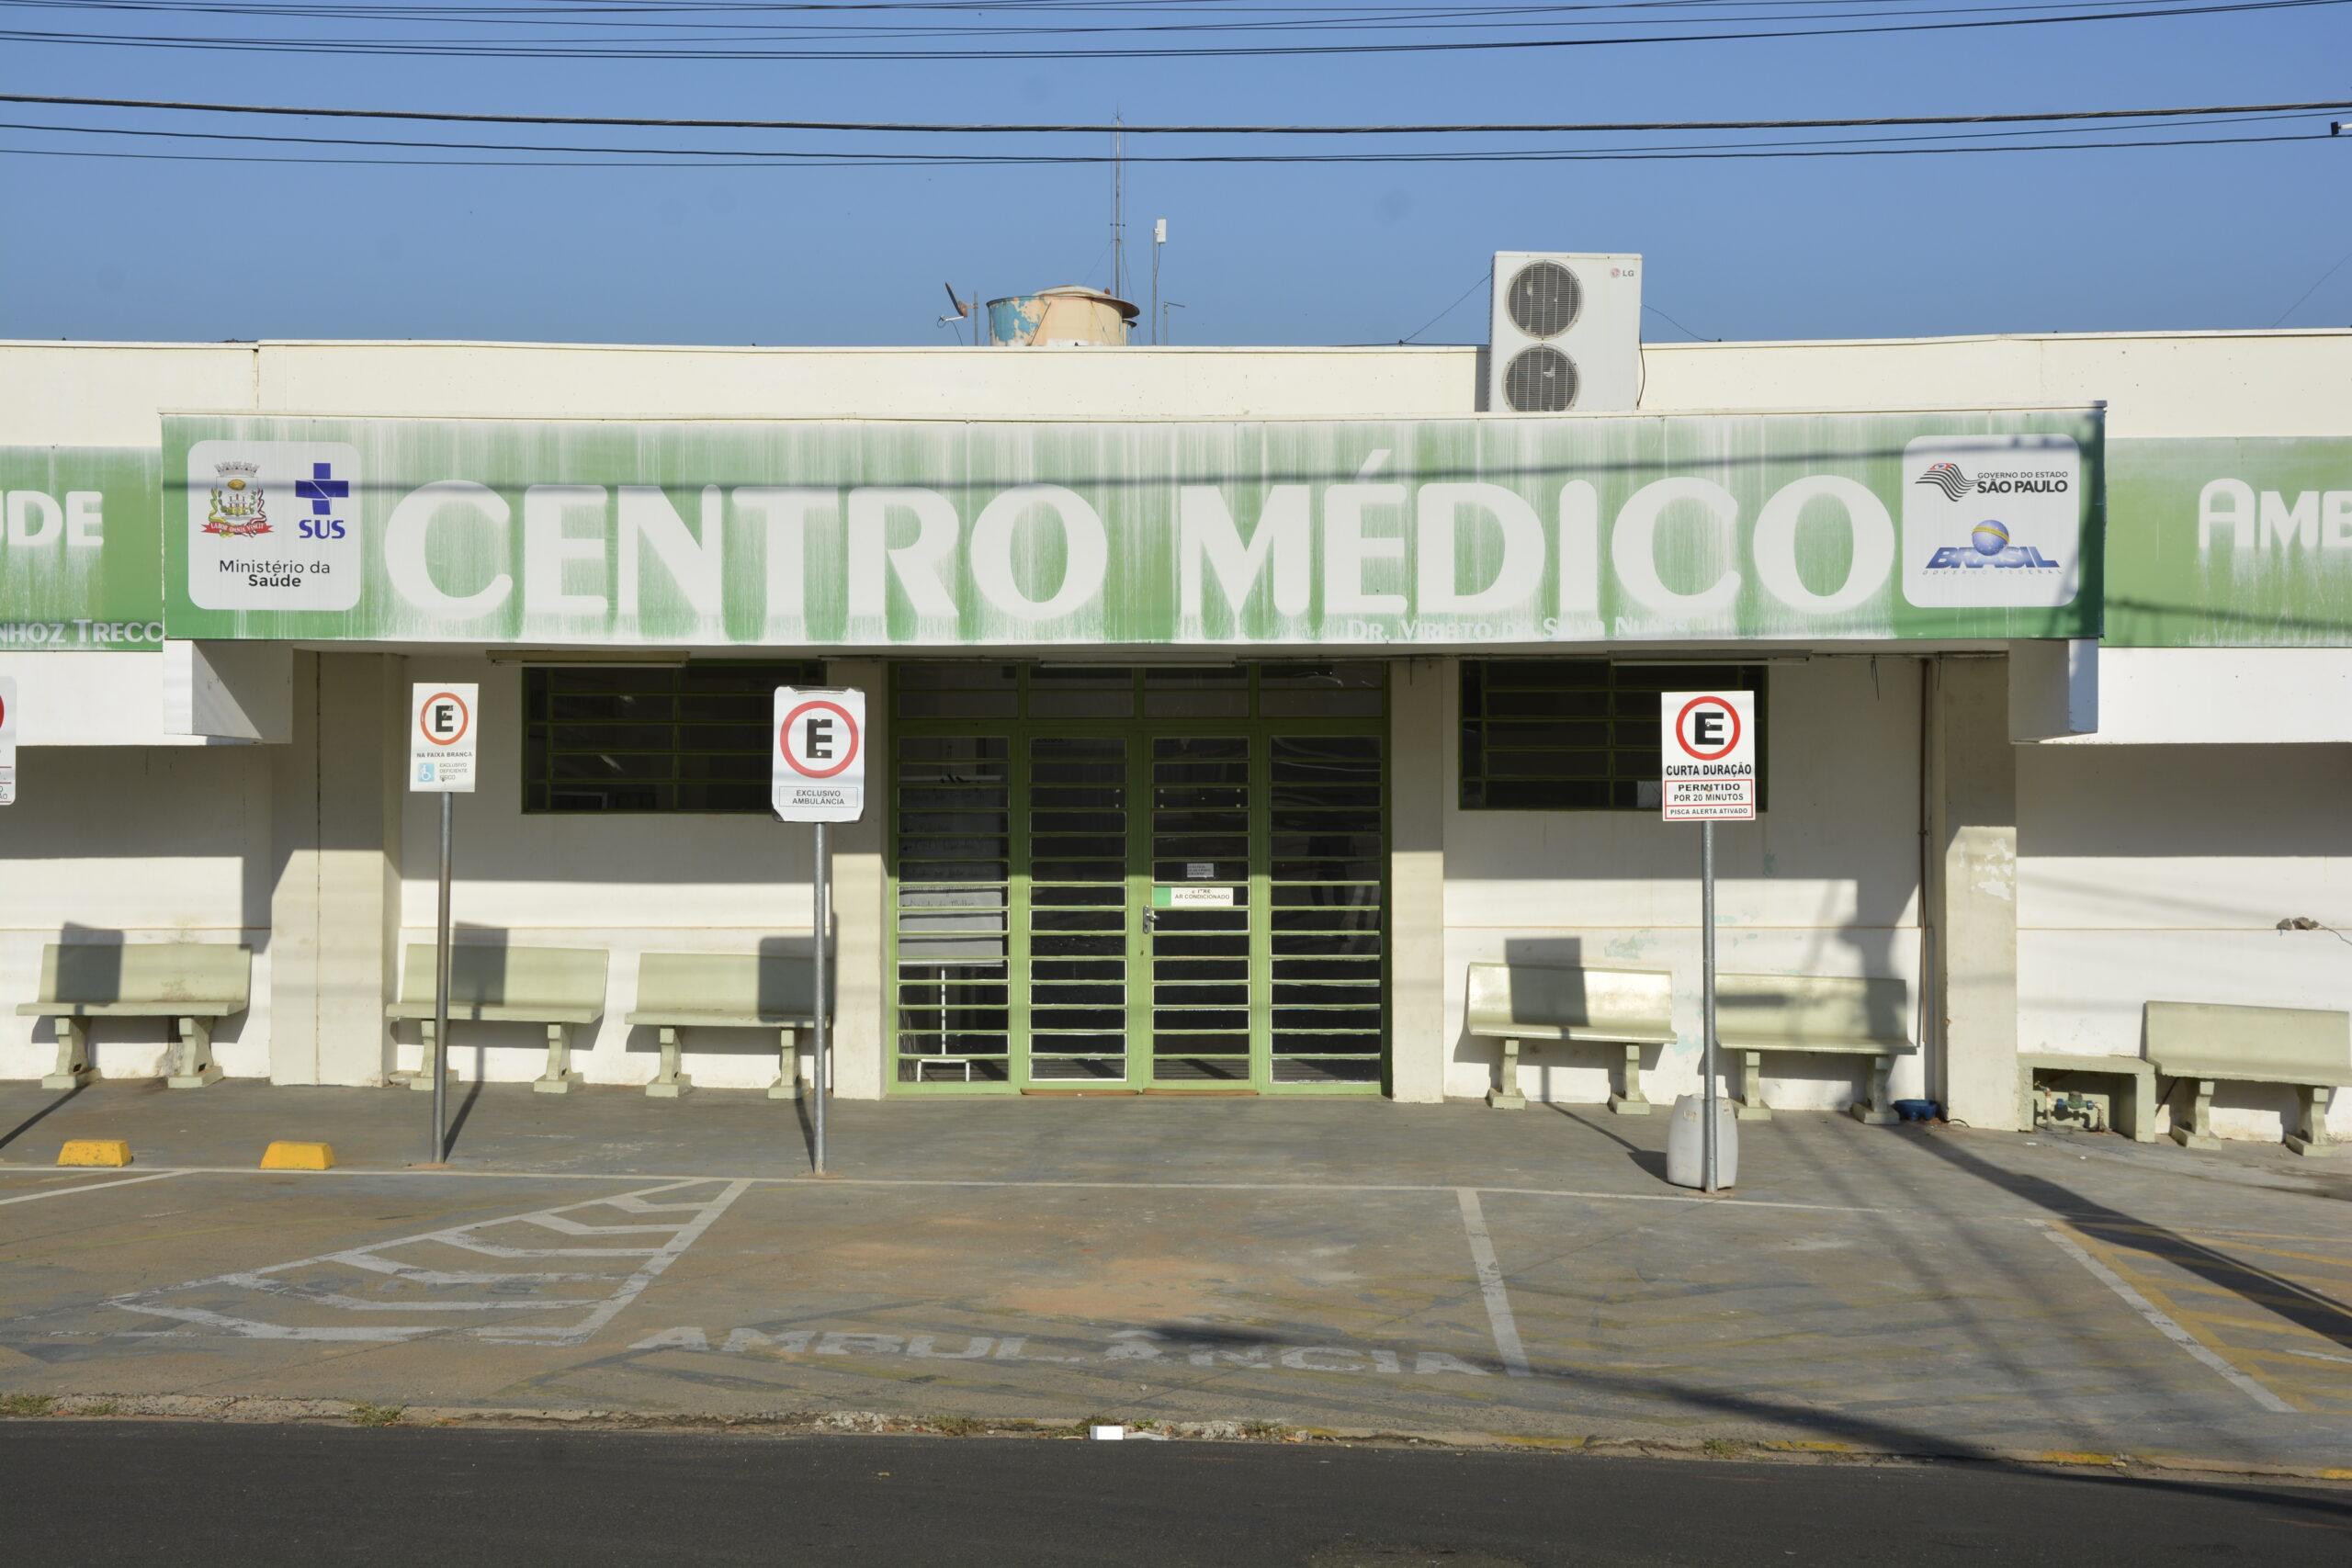 1617240996887  RAL2814 scaled - Prefeitura irá iniciar Pronto Atendimento Básico, no Centro Médico, a partir das 6h desta quinta-feira